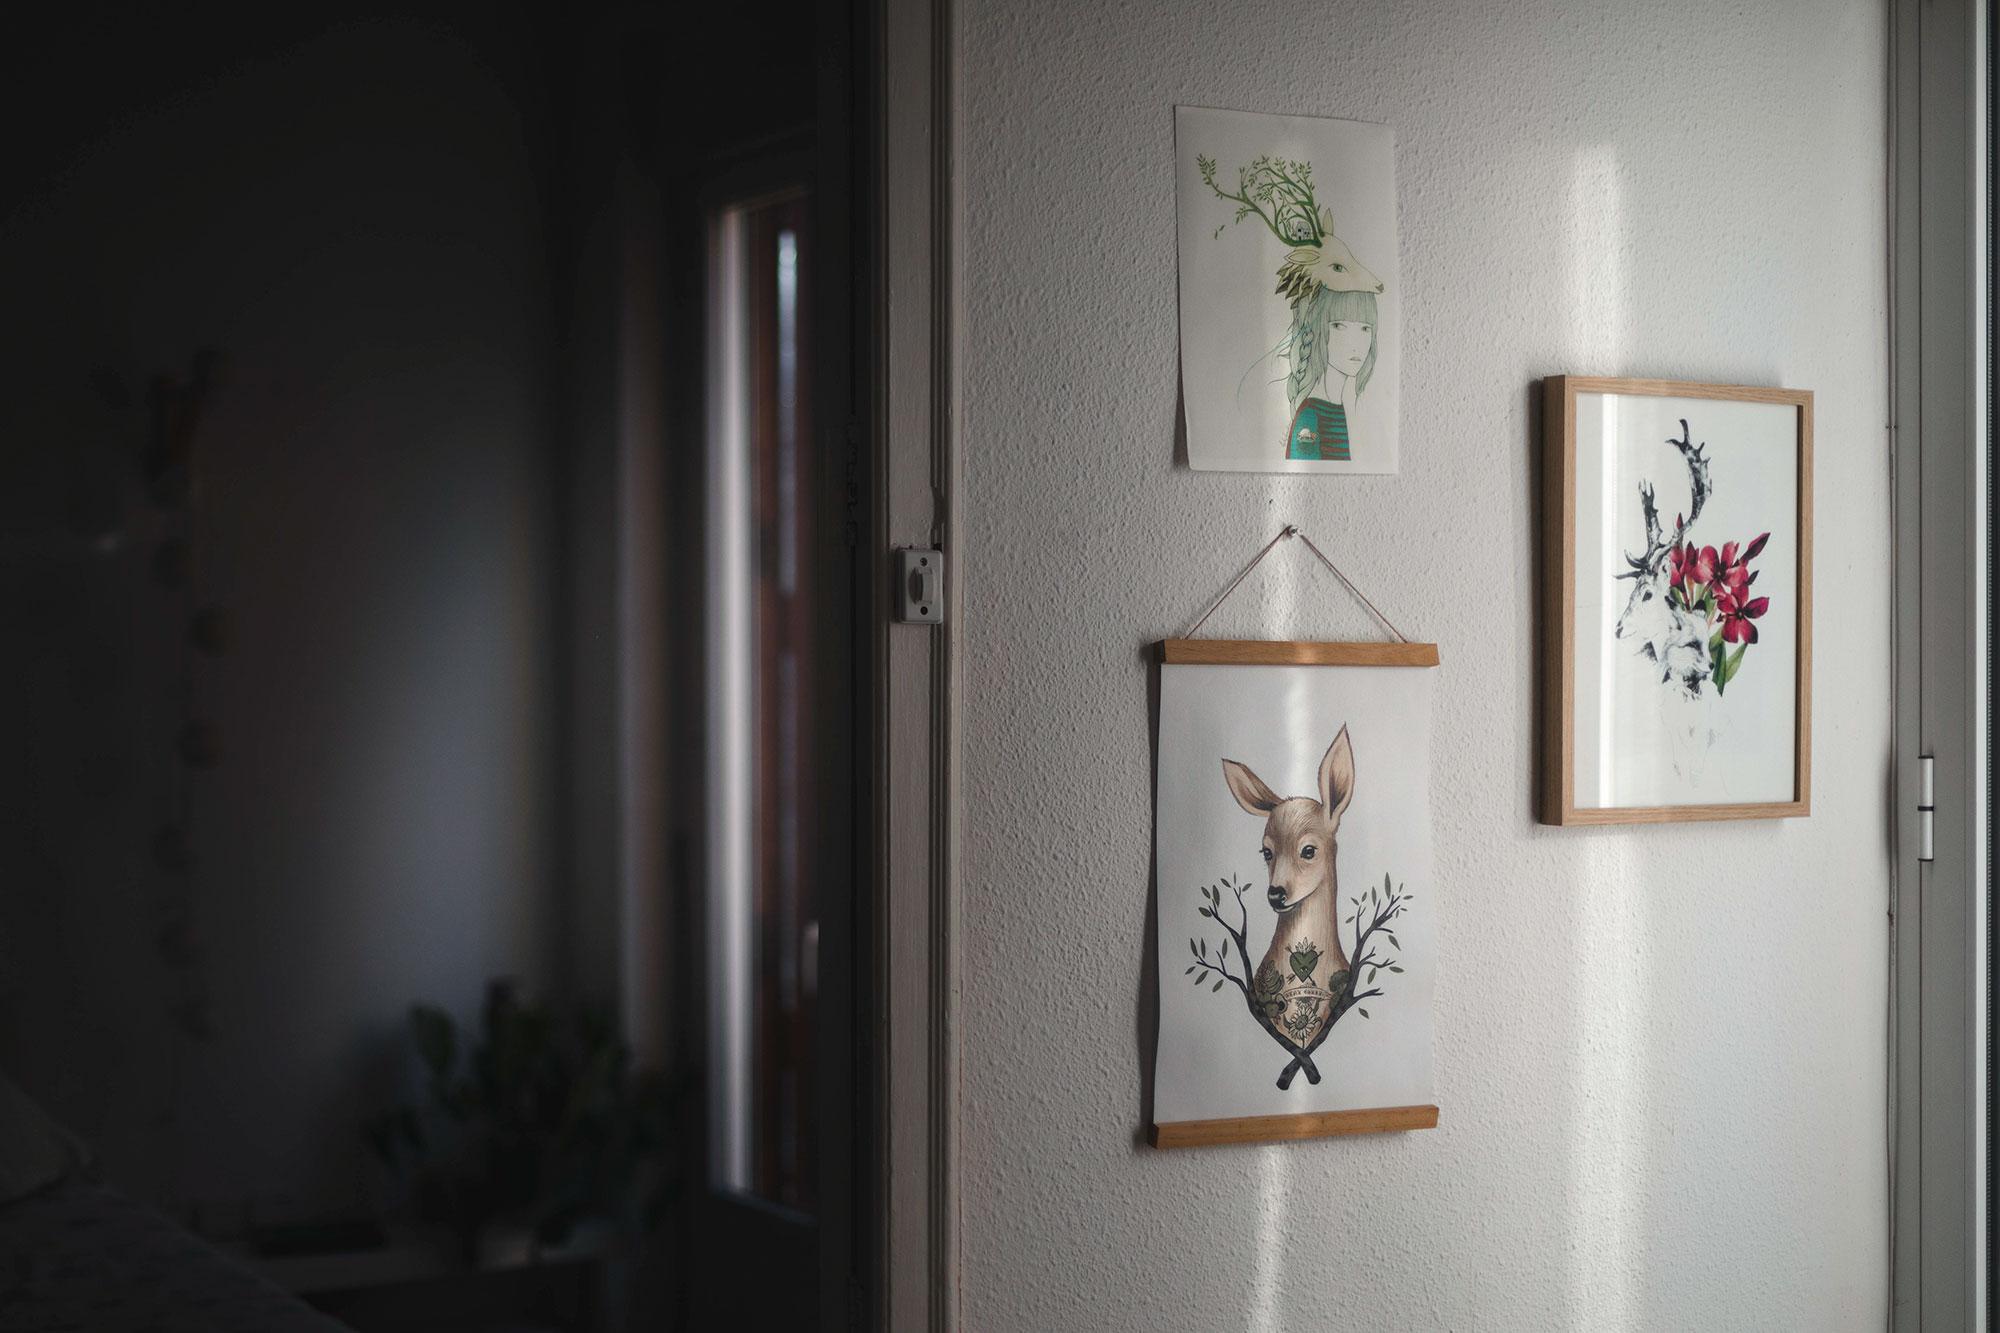 Ilustraciones de ciervos